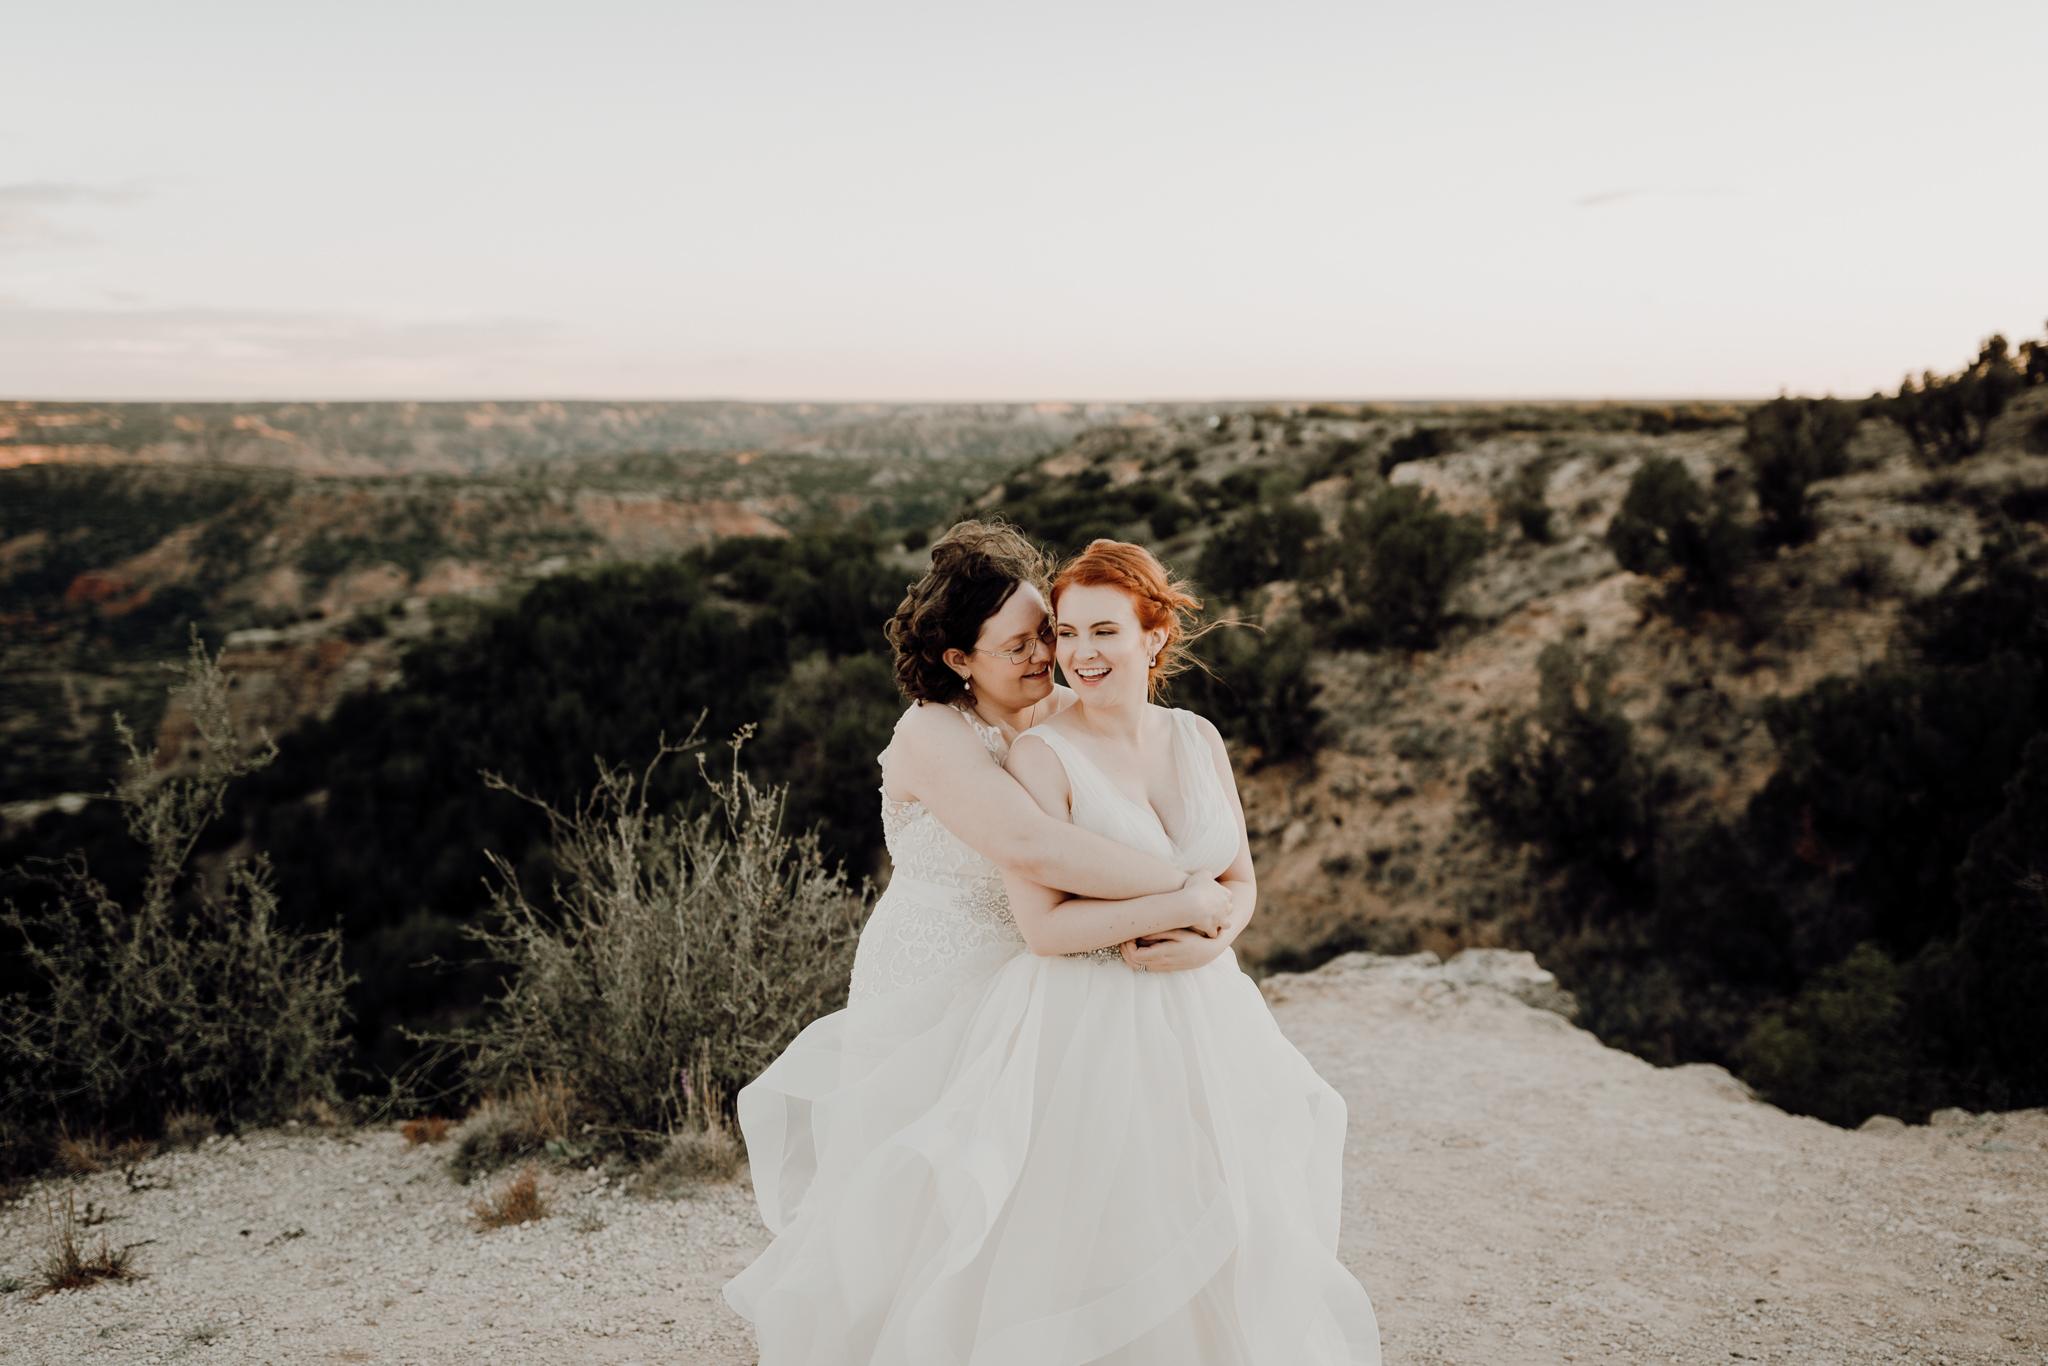 Texas Wedding Photographer-Palo Duro Canyon Sam Sex Wedding- Houston Wedding Photographer -Kristen Giles Photography-35.jpg